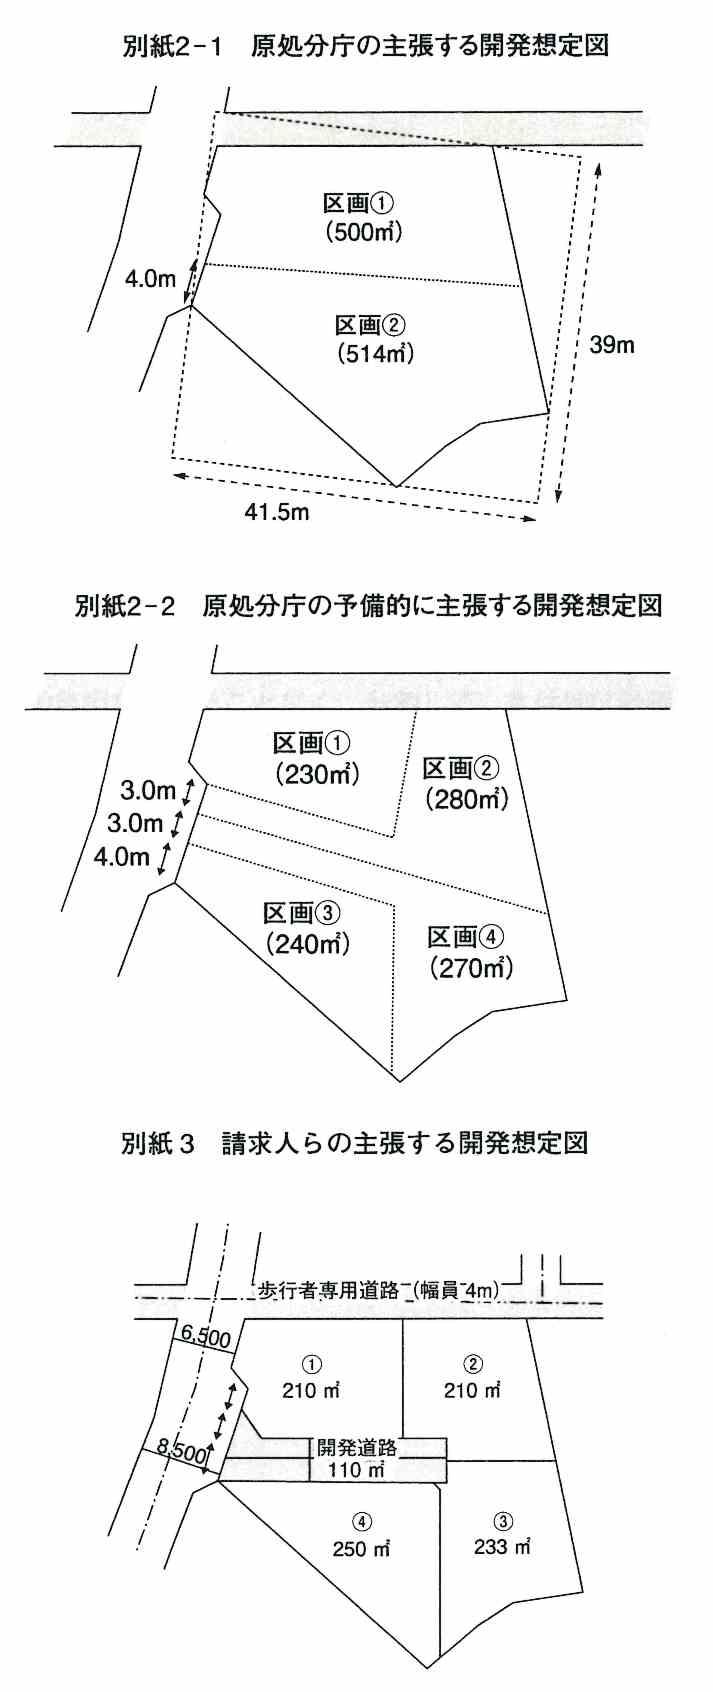 190103図